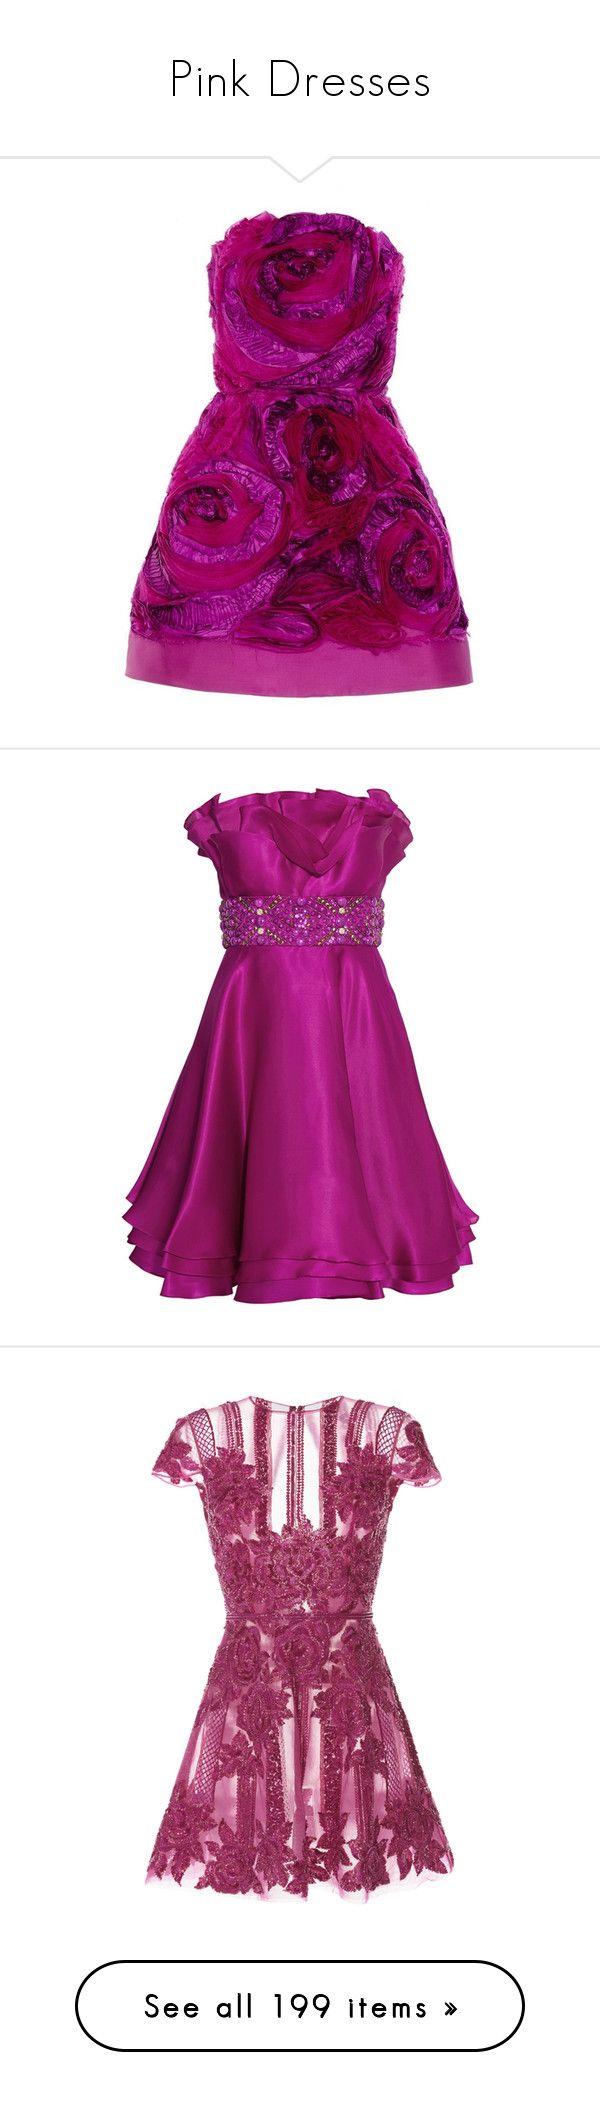 Lujoso Pink Strapless Cocktail Dress Ideas Ornamento Elaboración ...